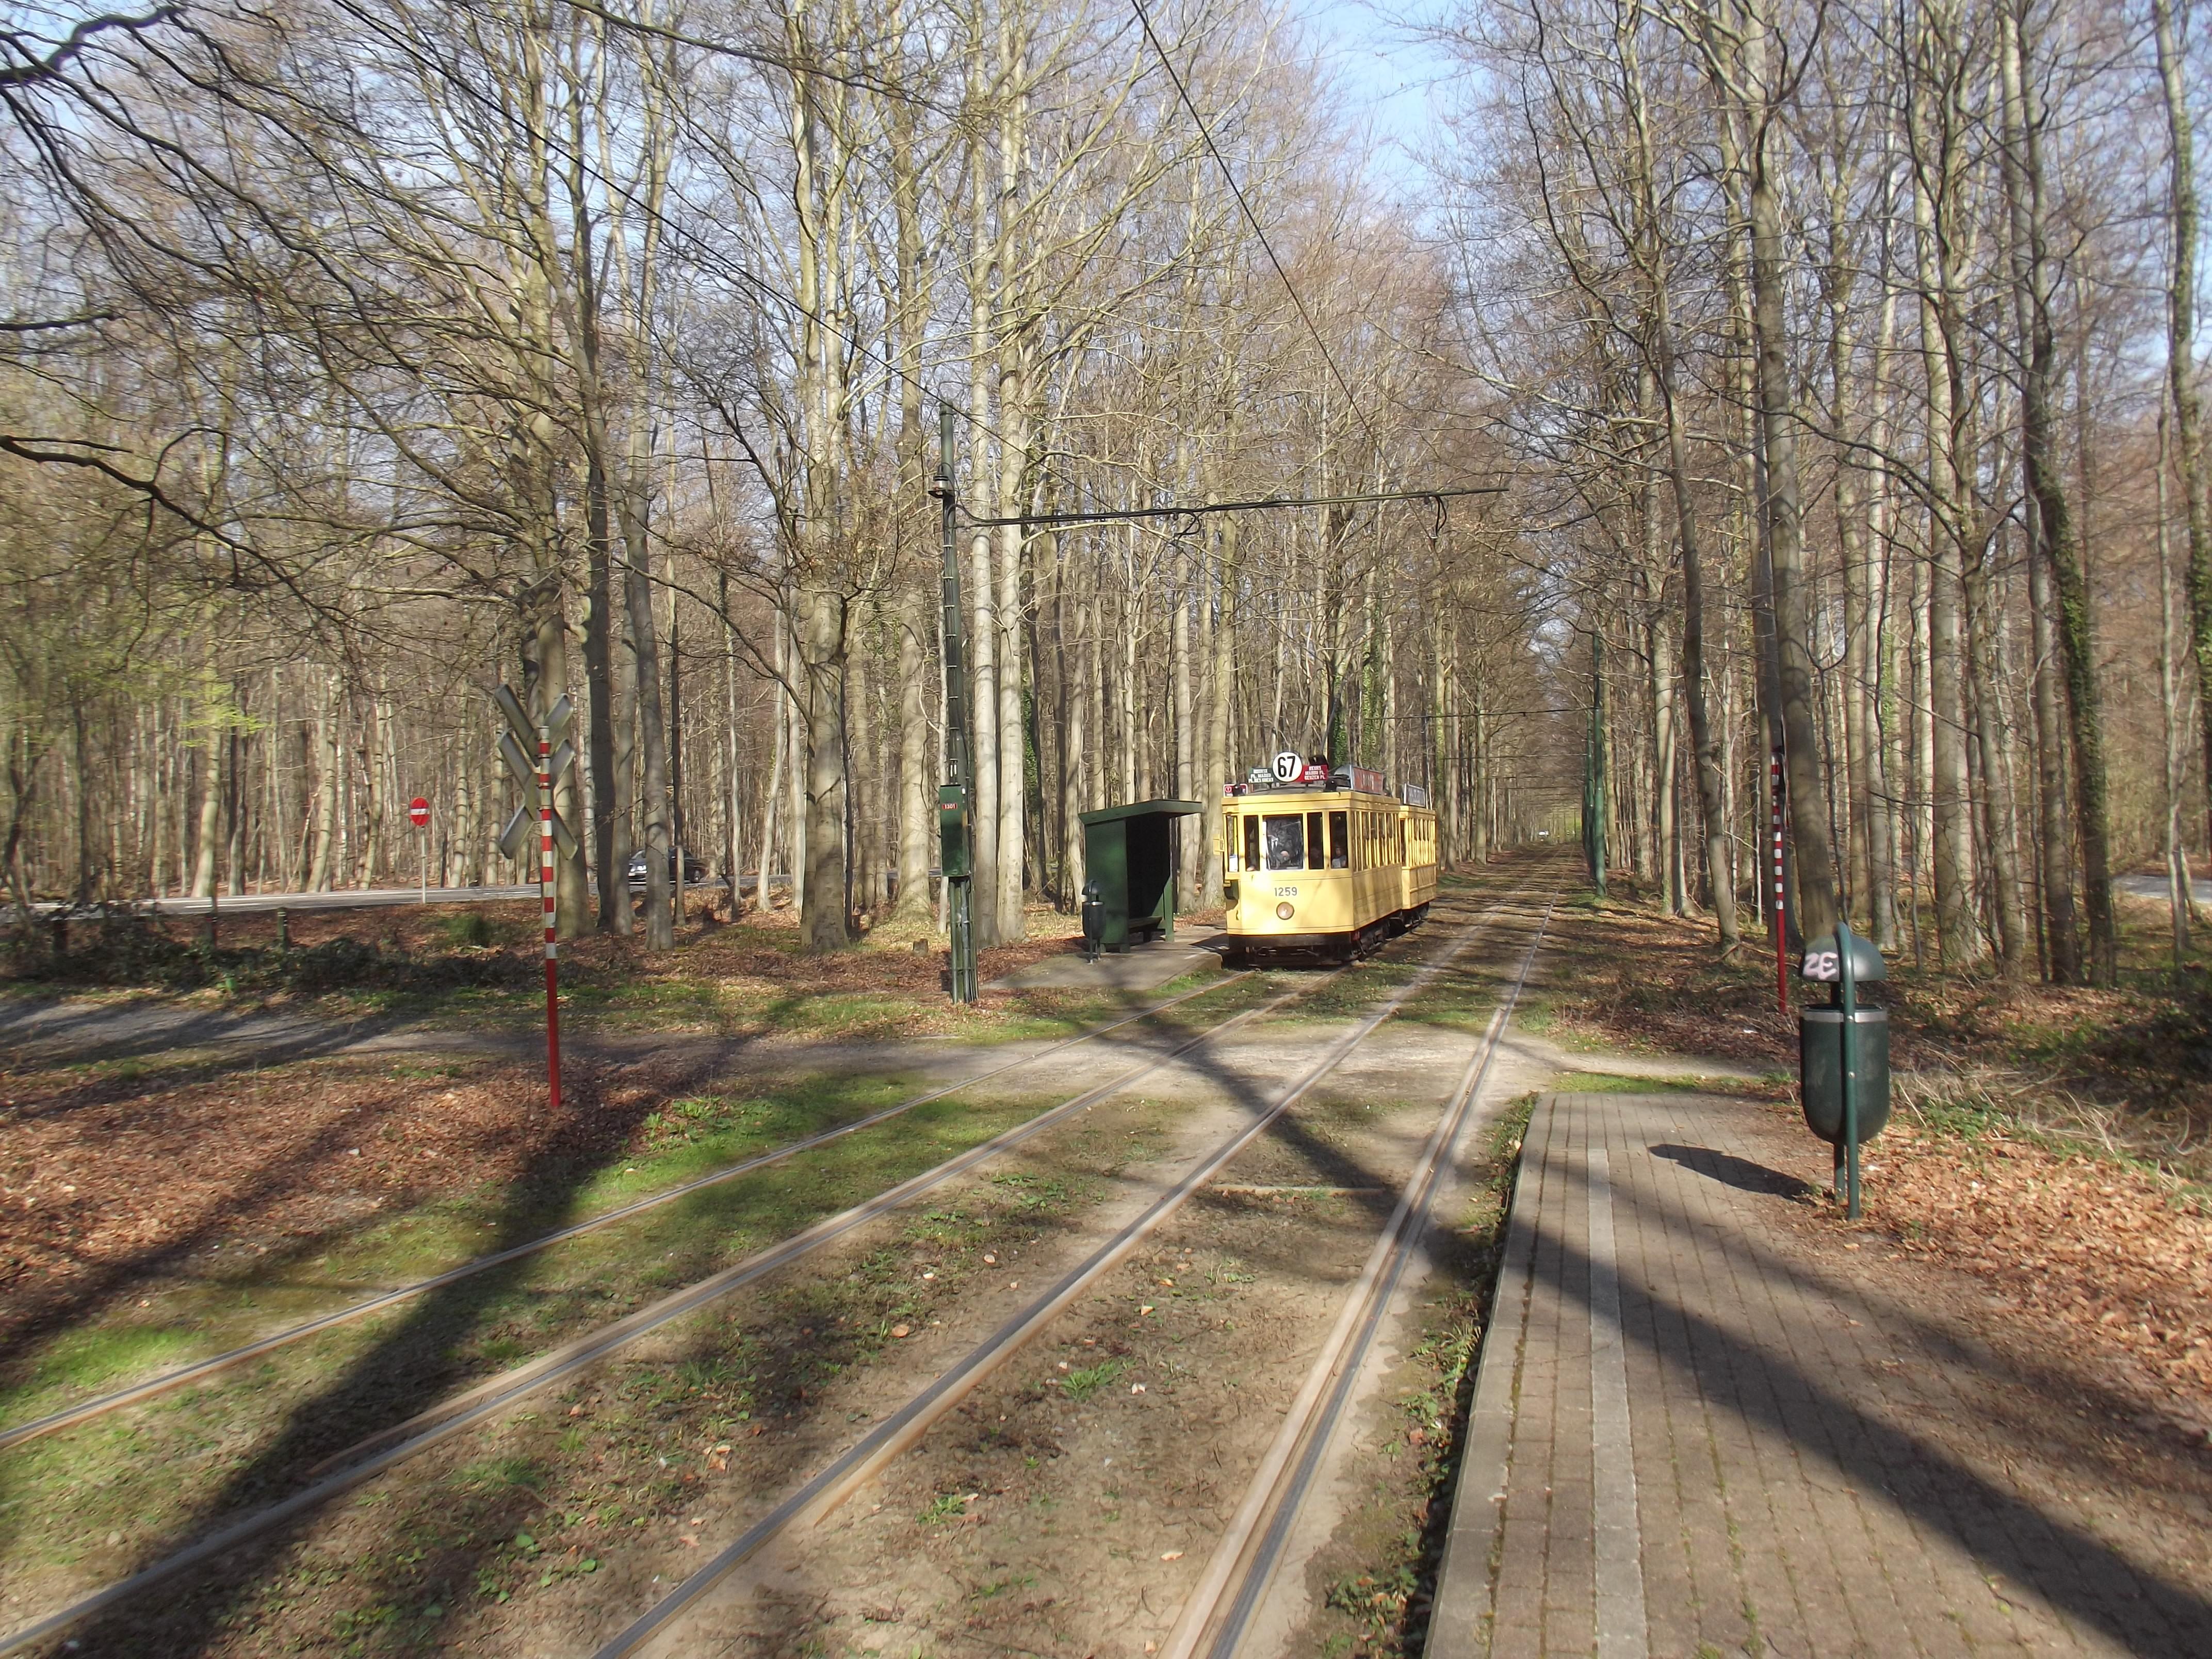 File:Brussels tram Tervuren wood 1259.jpg